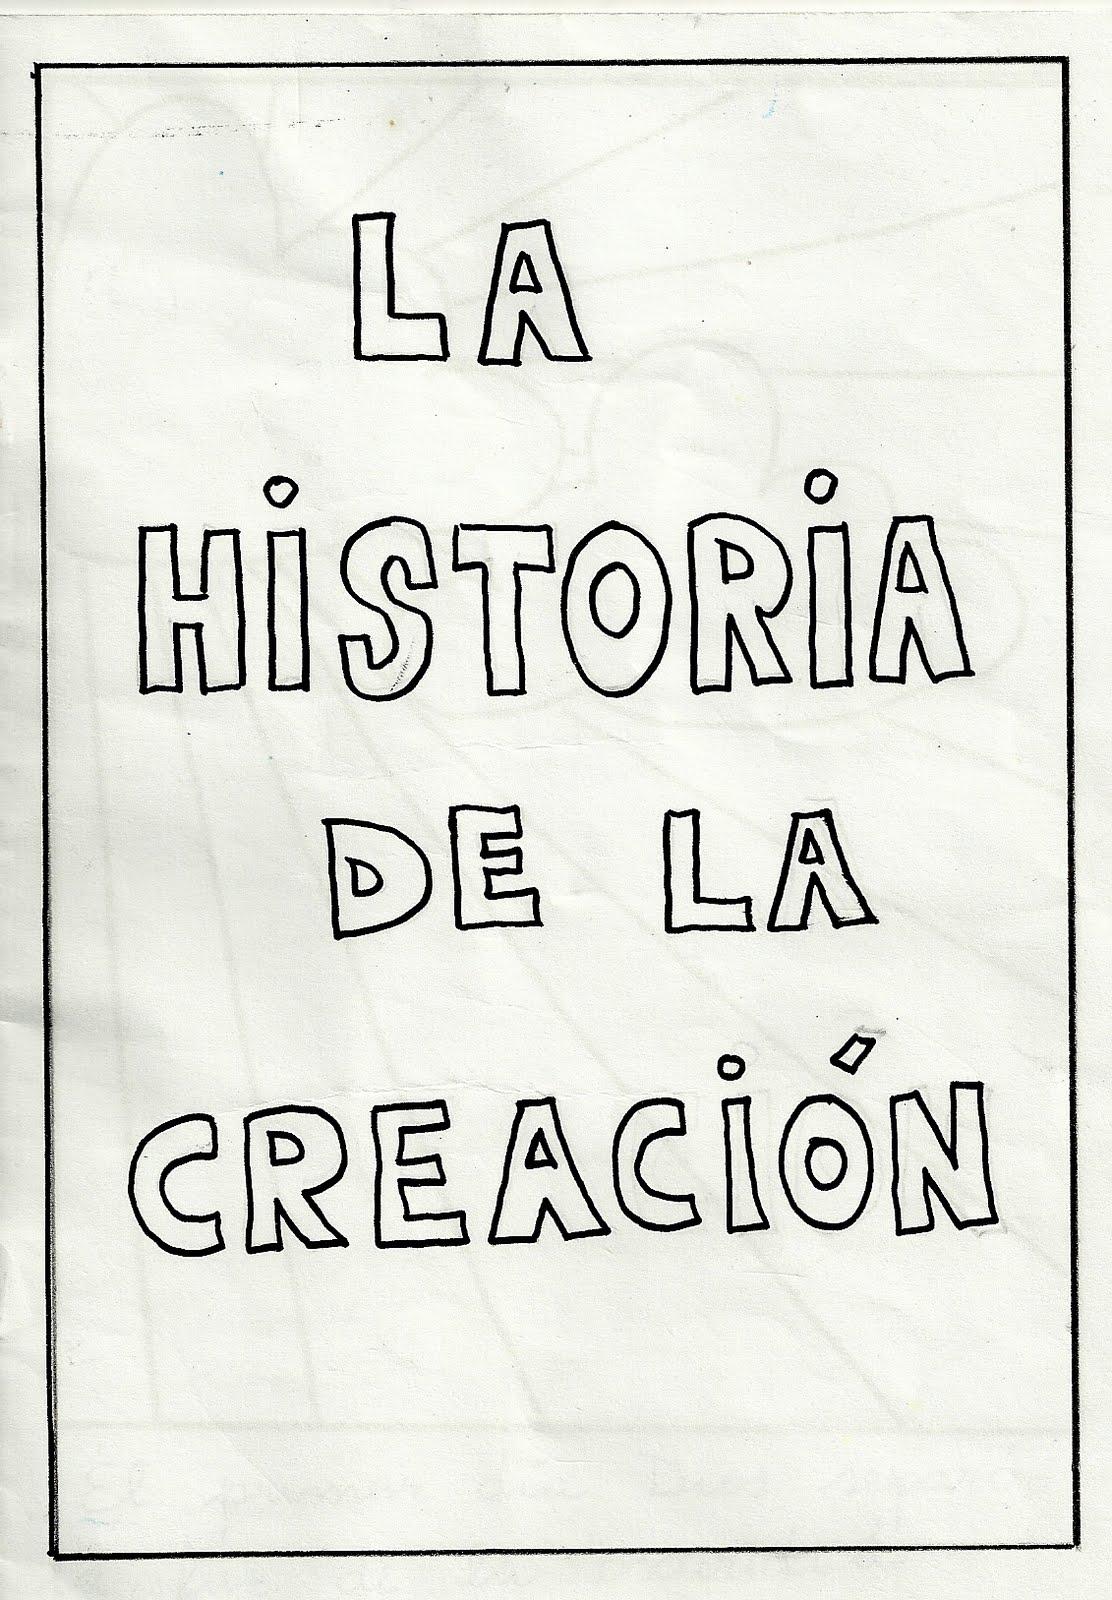 ME ABURRE LA RELIGIÓN: HISTORIA DE LA CREACIÓN